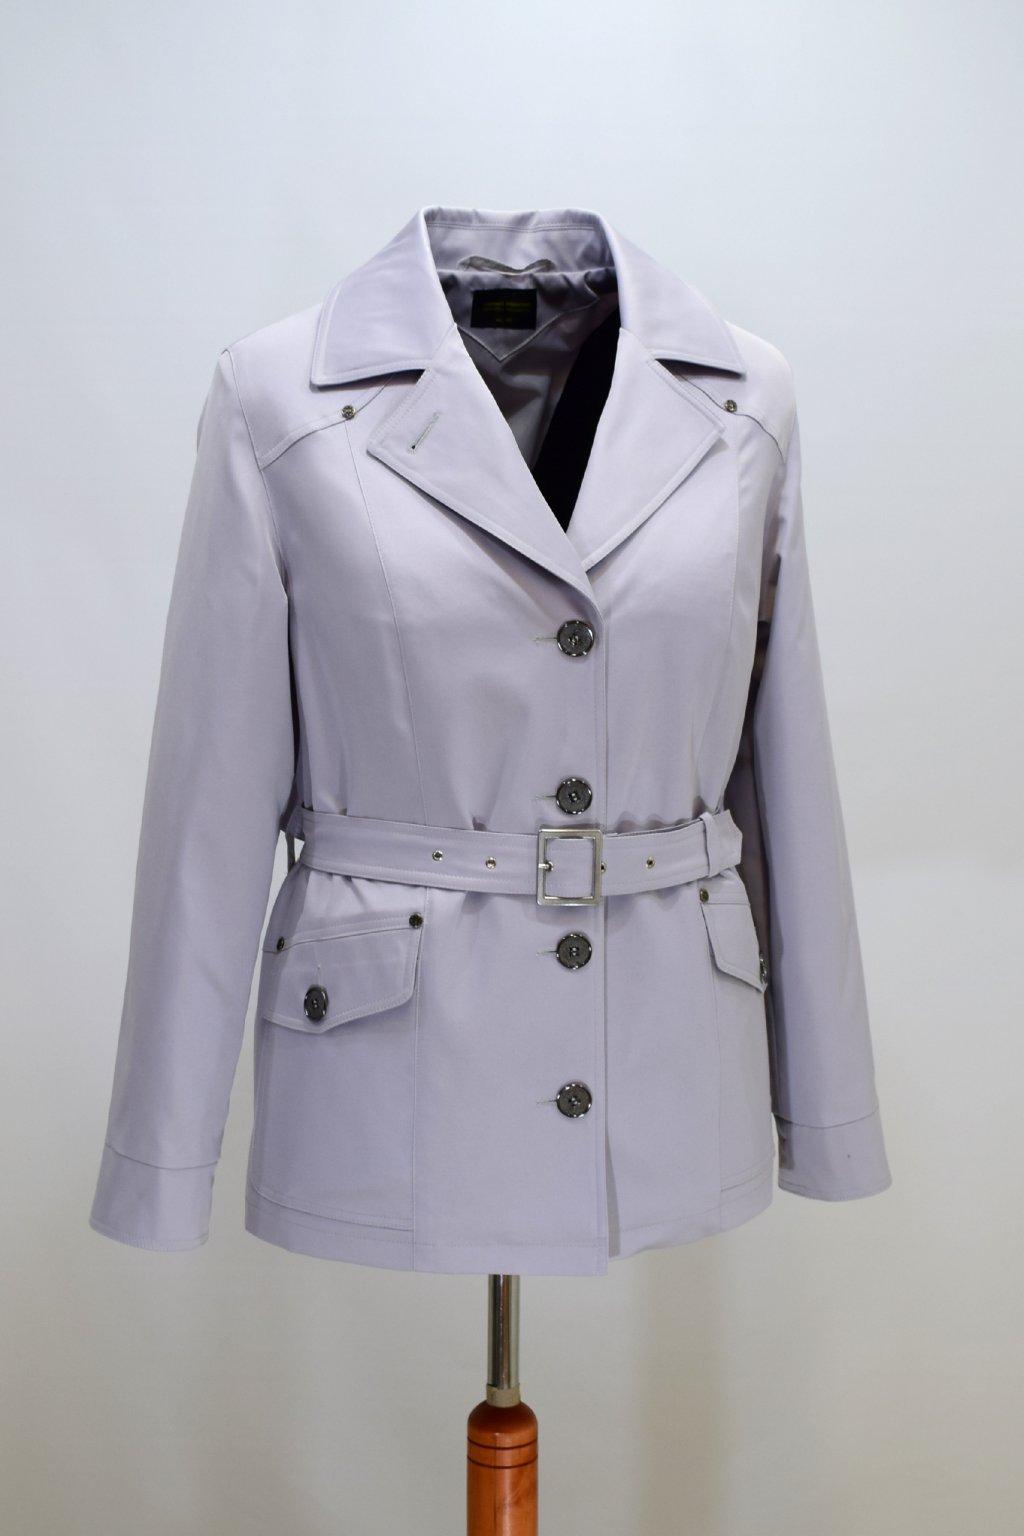 Dámský světle šedý jarní kabátek Gábina nadměrné velikosti.